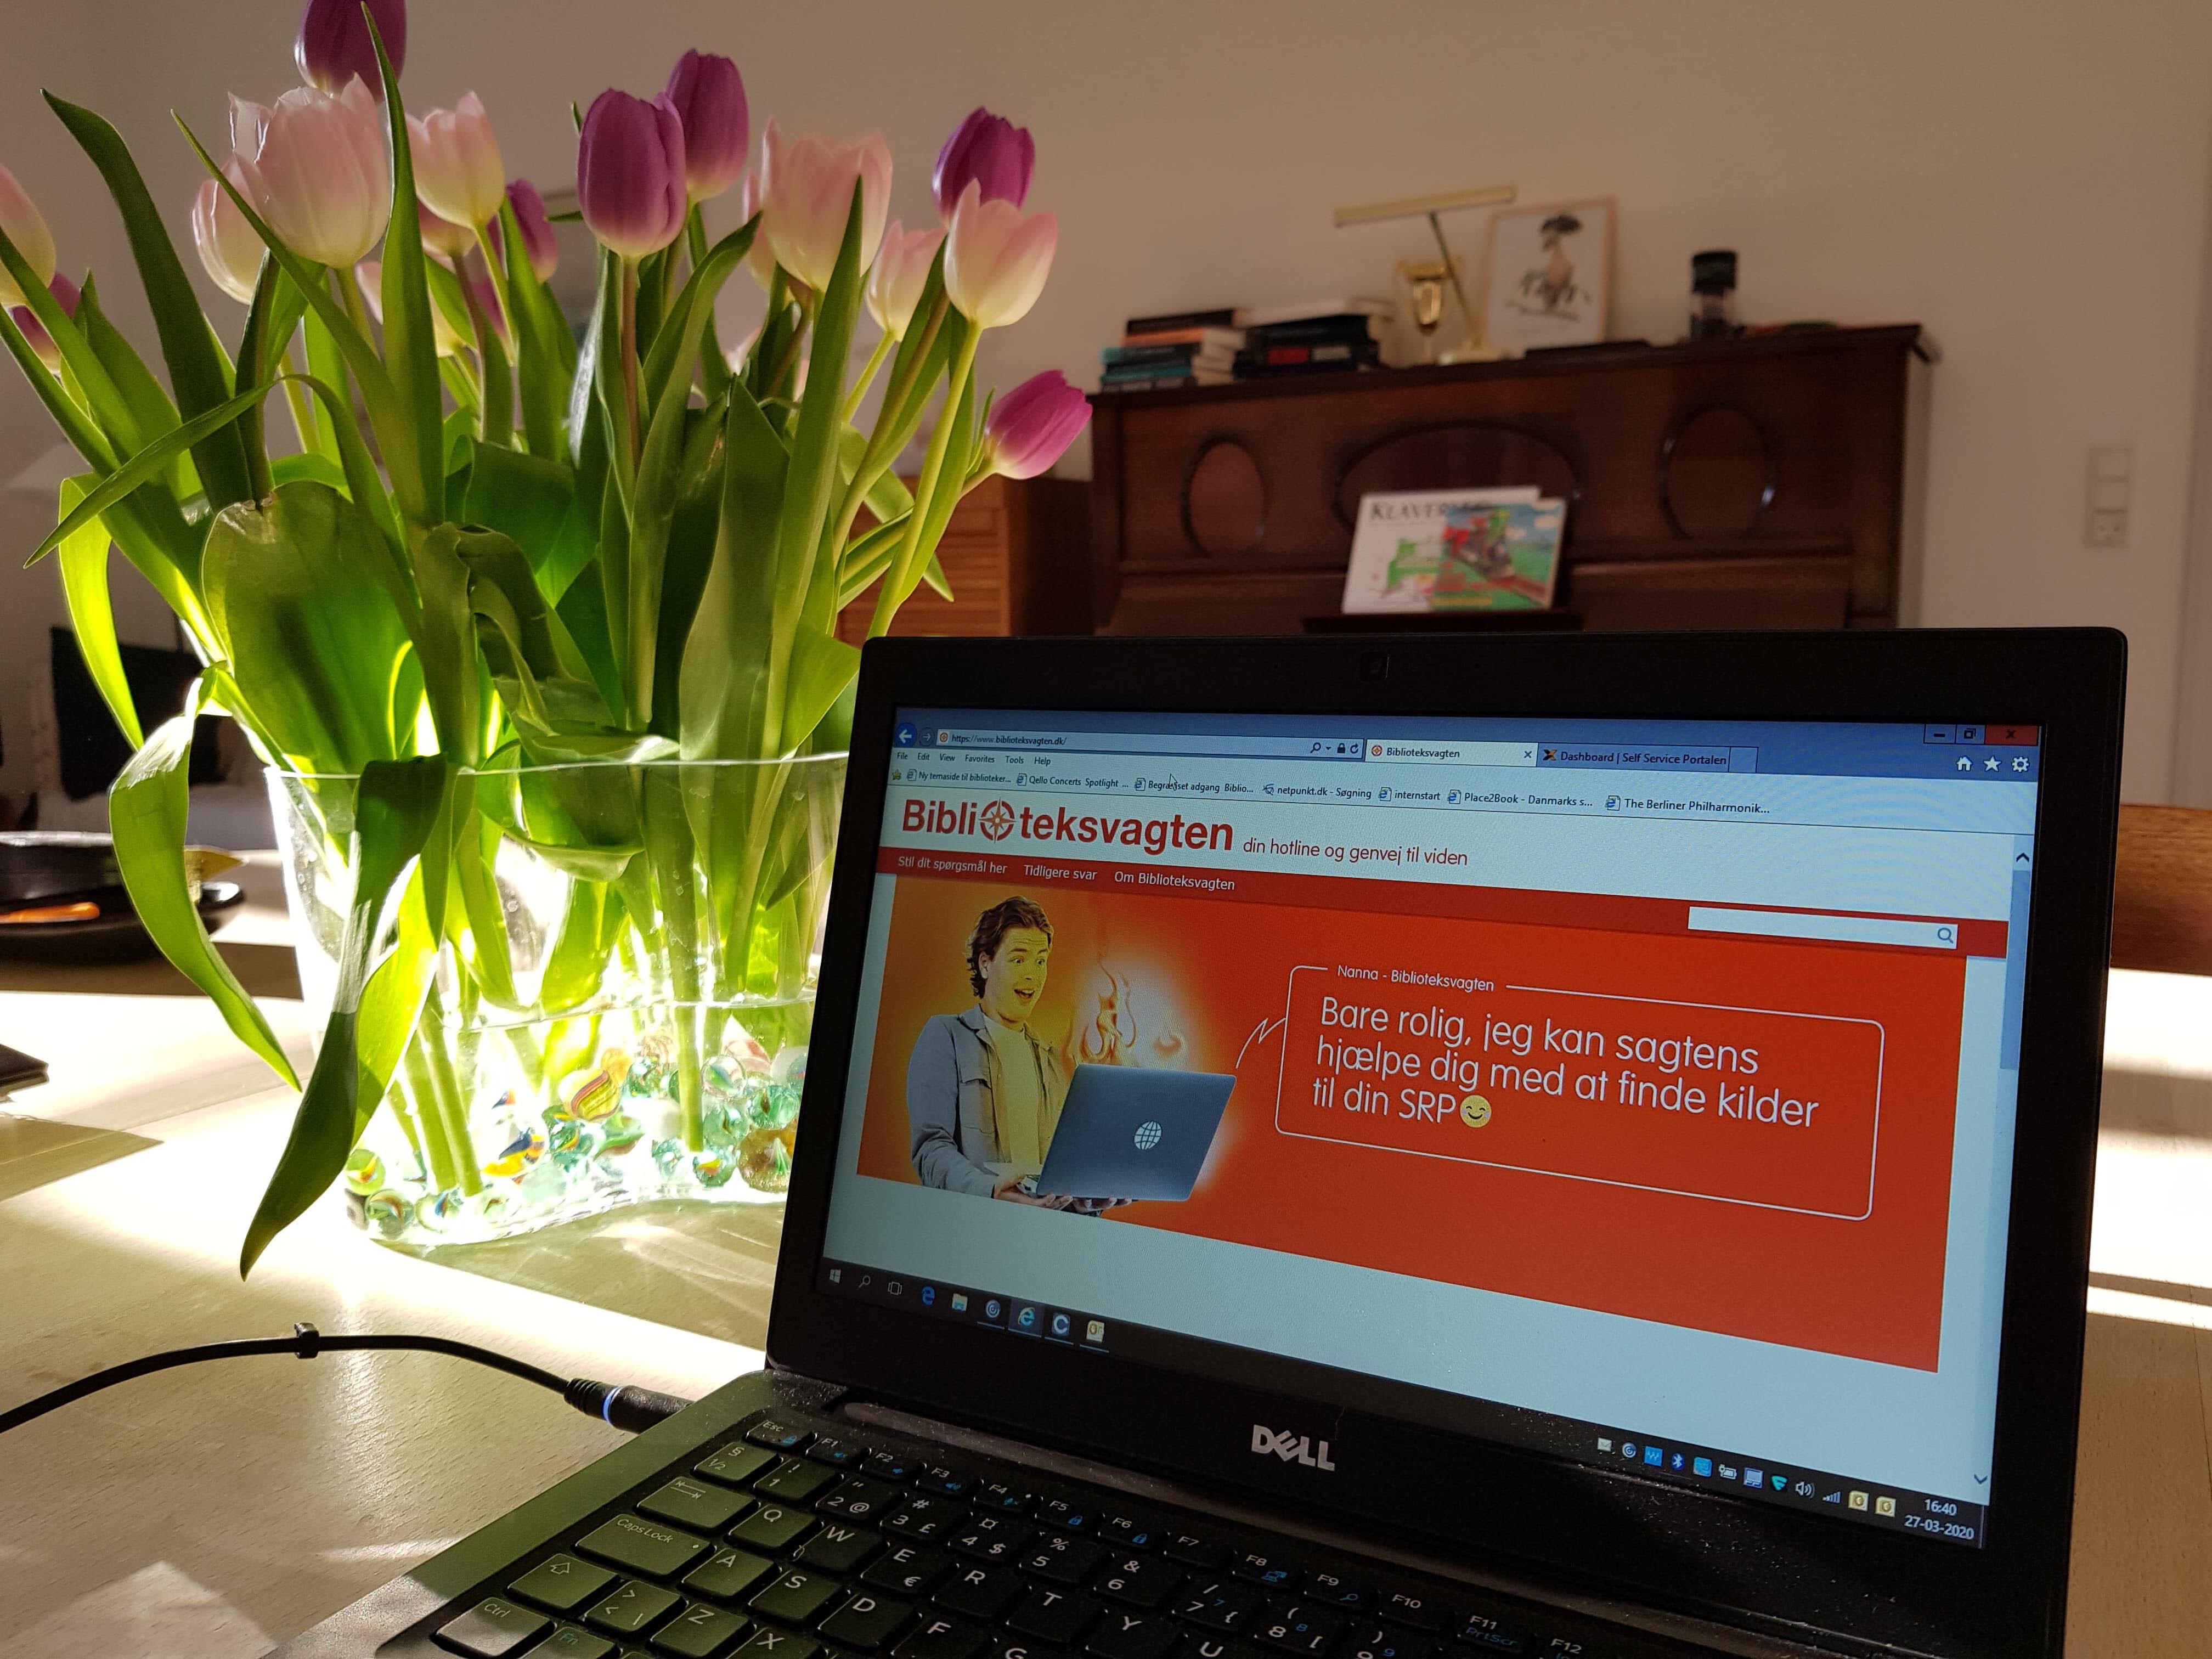 Bærbar computer på spisebordet hjemme hos bibliotekar Marit Juhl. På skærmen er hjemmesiden Biblioteksvagten.dk. Ved siden af computeren står en vase med tulipaner, og sollys strømmer ind.